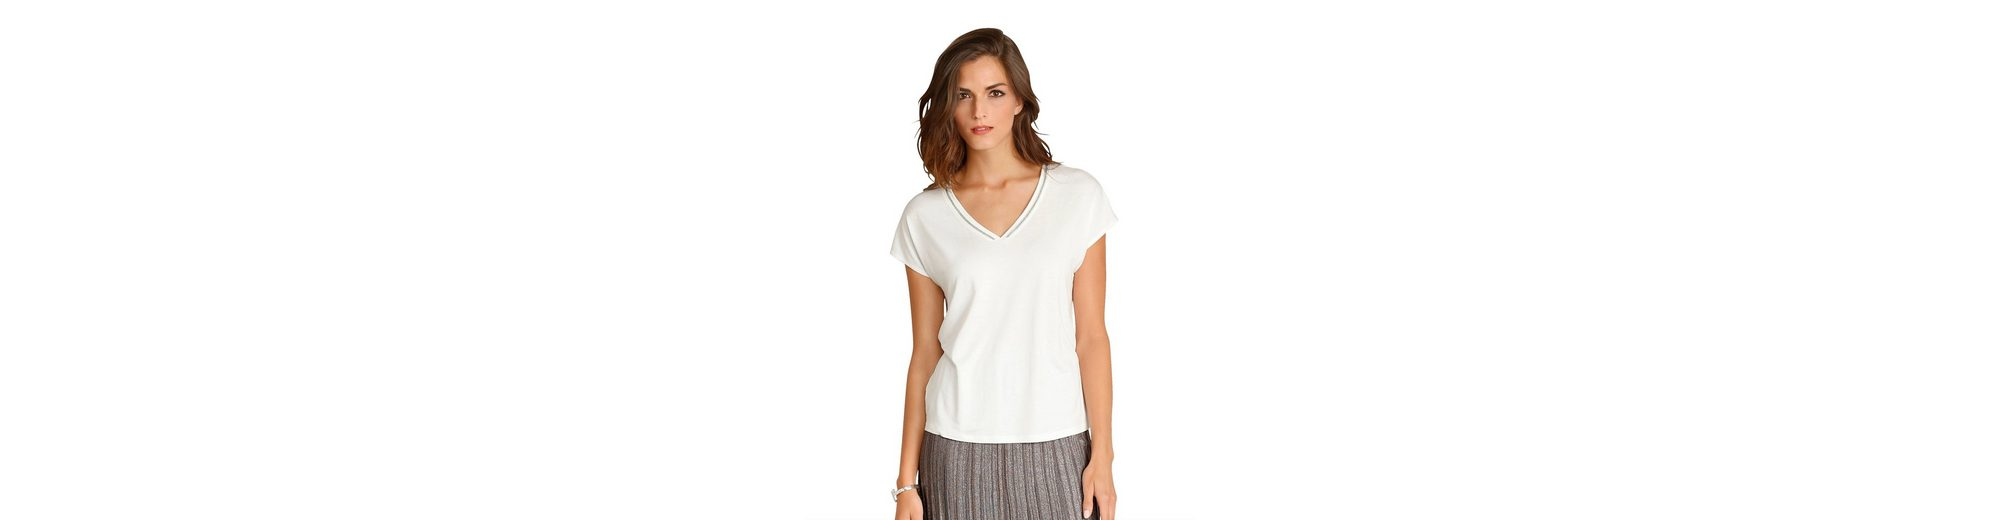 Alba Moda Shirt mit Schmuckdetails Finish Günstig Online y6oVgAB